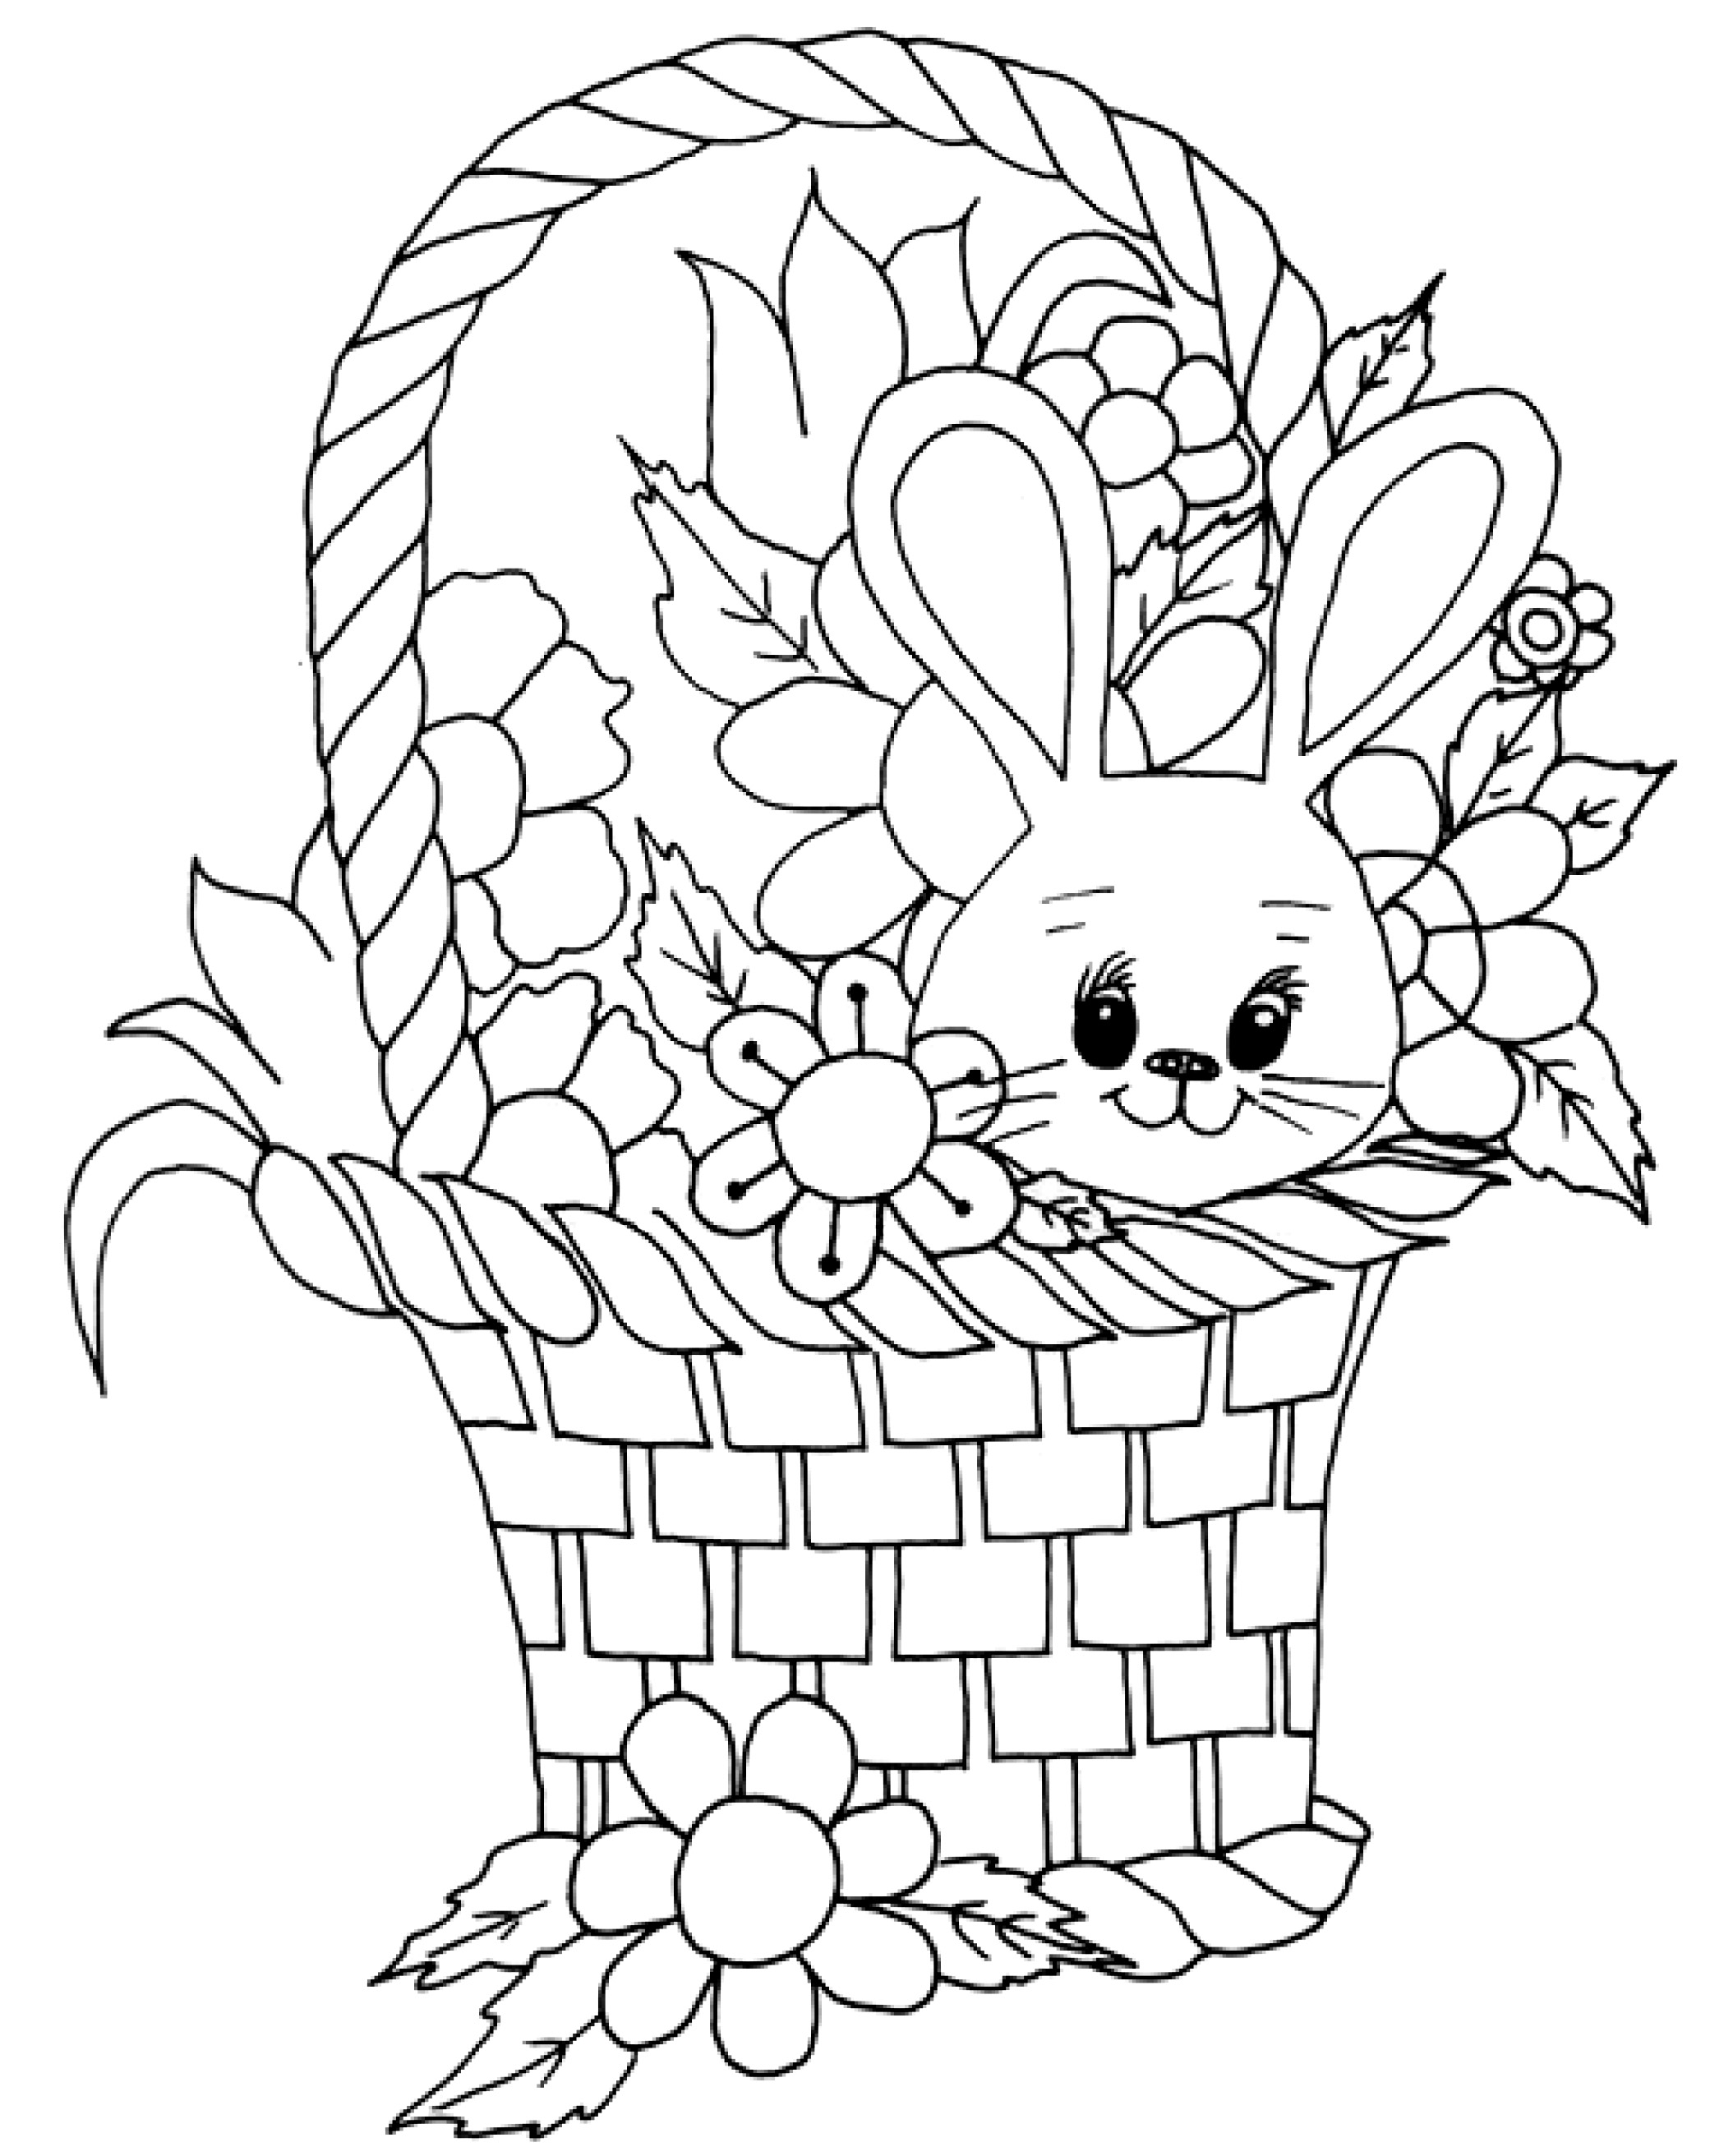 Malvorlagen Kostenlos Ostern